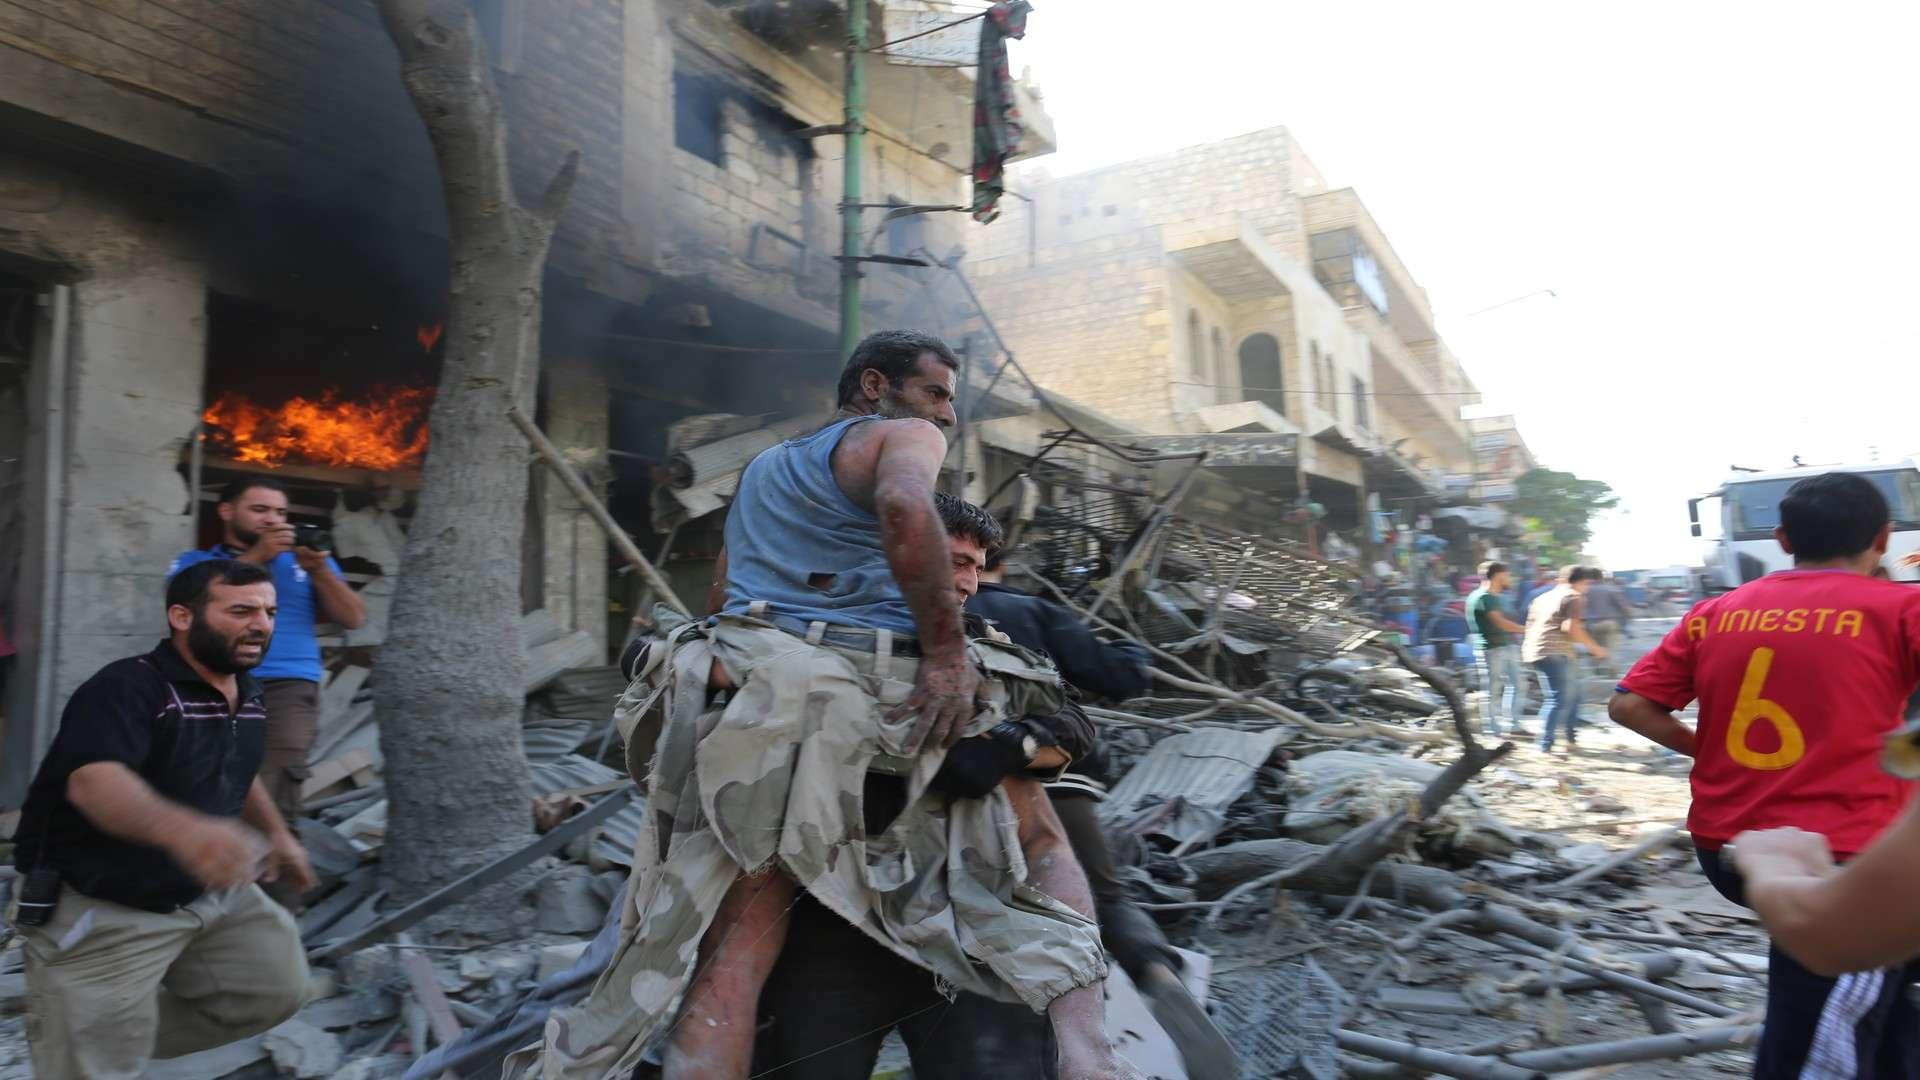 الأورومتوسطي يدعو لتحرك دولي جاد لوقف الهجمات على إدلب وزيادة وتيرة عمليات الإغاثة